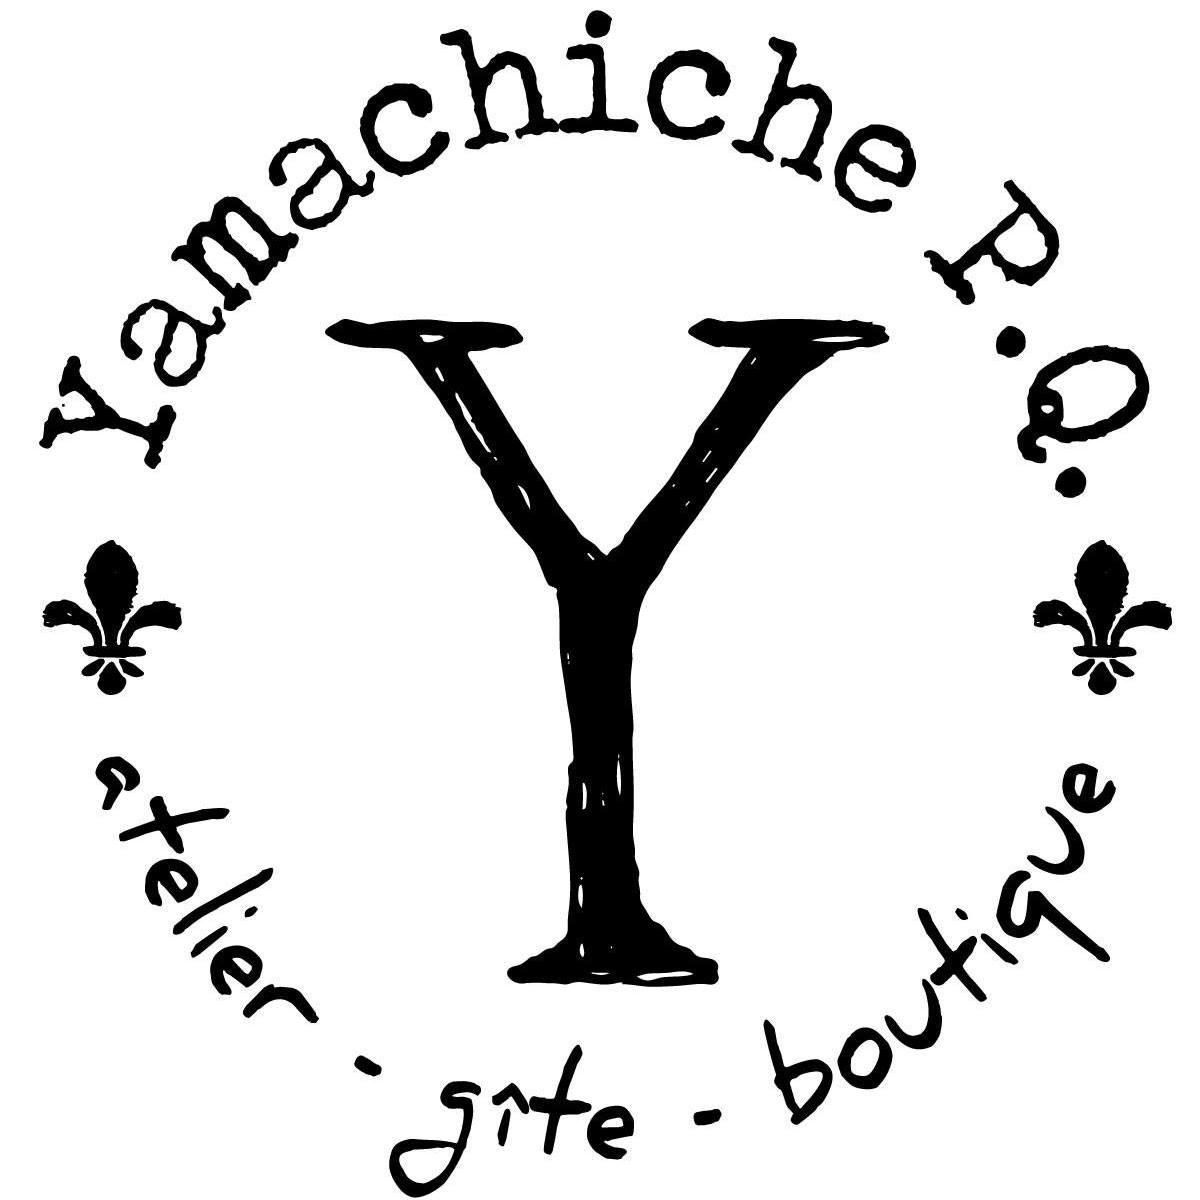 yamachichepq.jpg